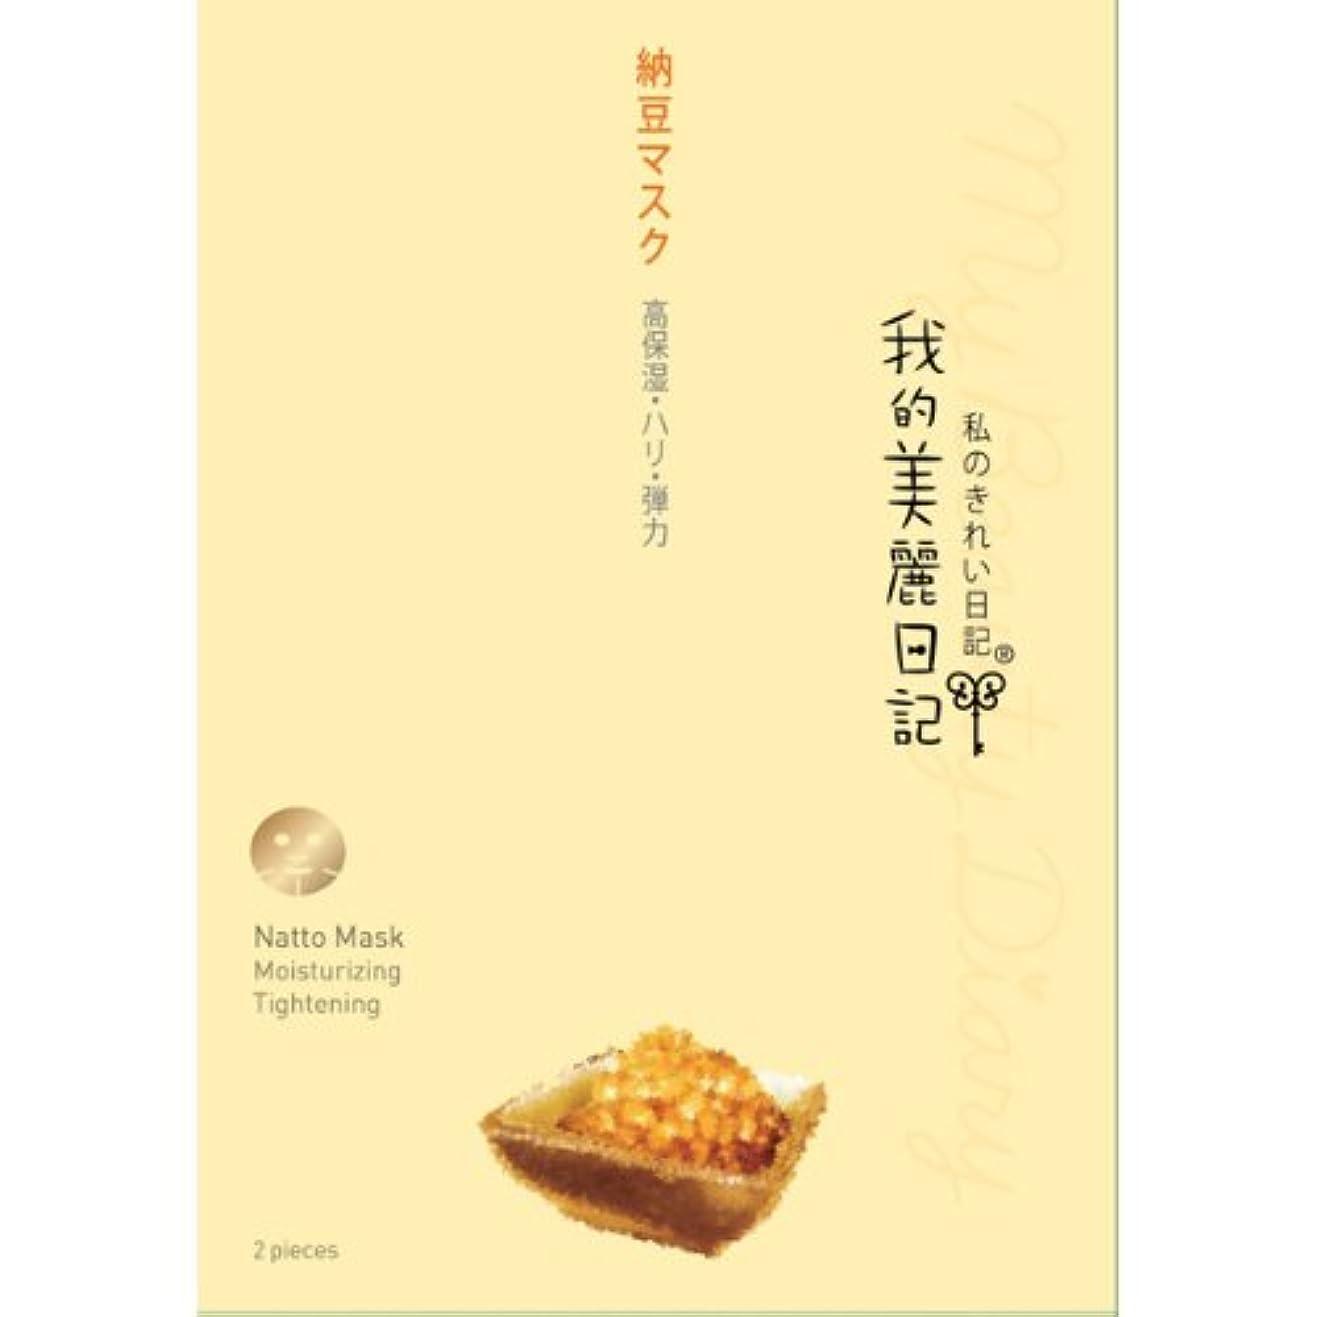 欲求不満極端な提案我的美麗日記 私のきれい日記 納豆マスク 23ml×2枚